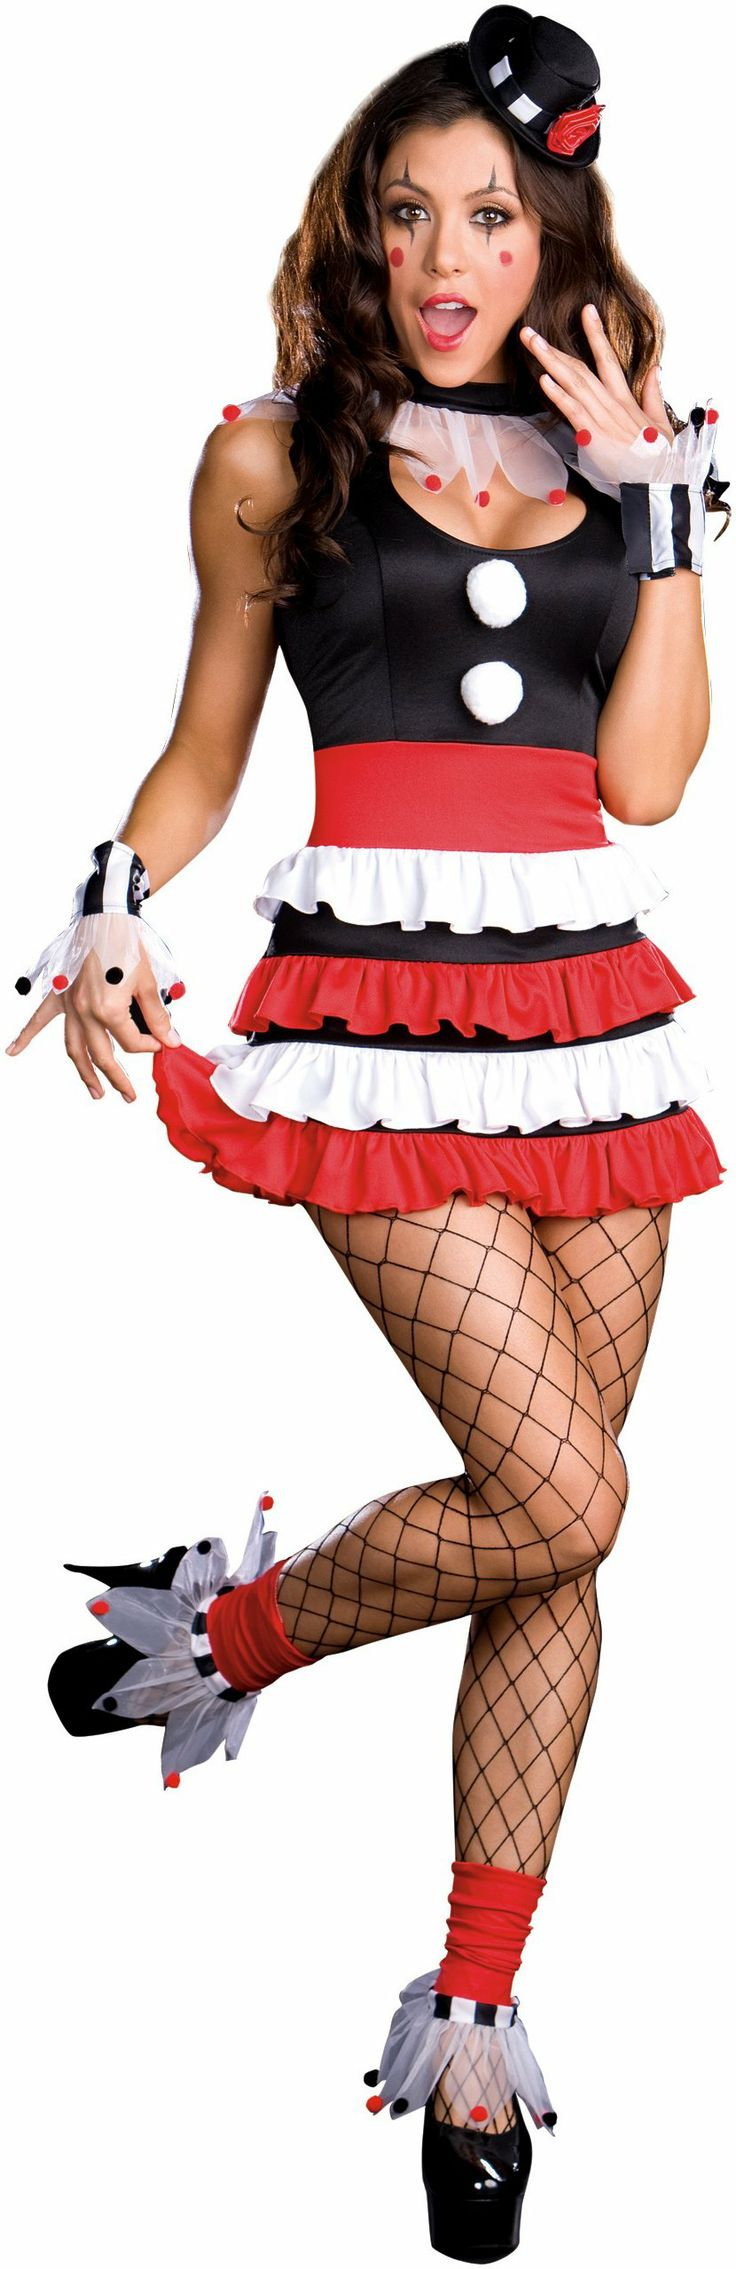 Big Top Tease Adult Costume. Costume De CirqueDéguisements Pour AdultesDéguisements